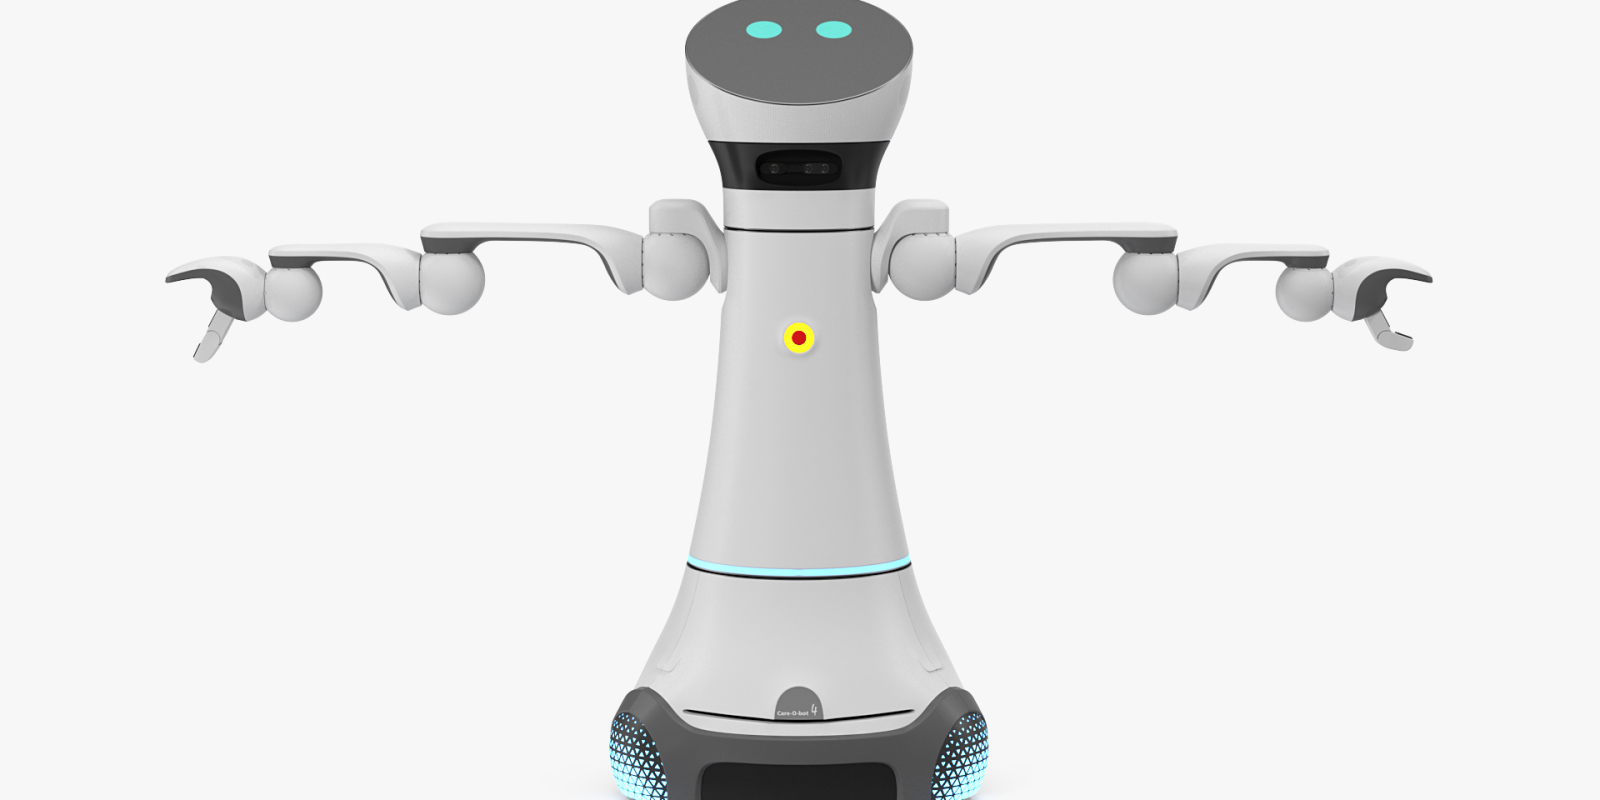 Careobot4ServiceRobotmb3dmodel001.jpgE5C0FBDF-775A-49BD-9A24-2378A6C7EC52DefaultHQ